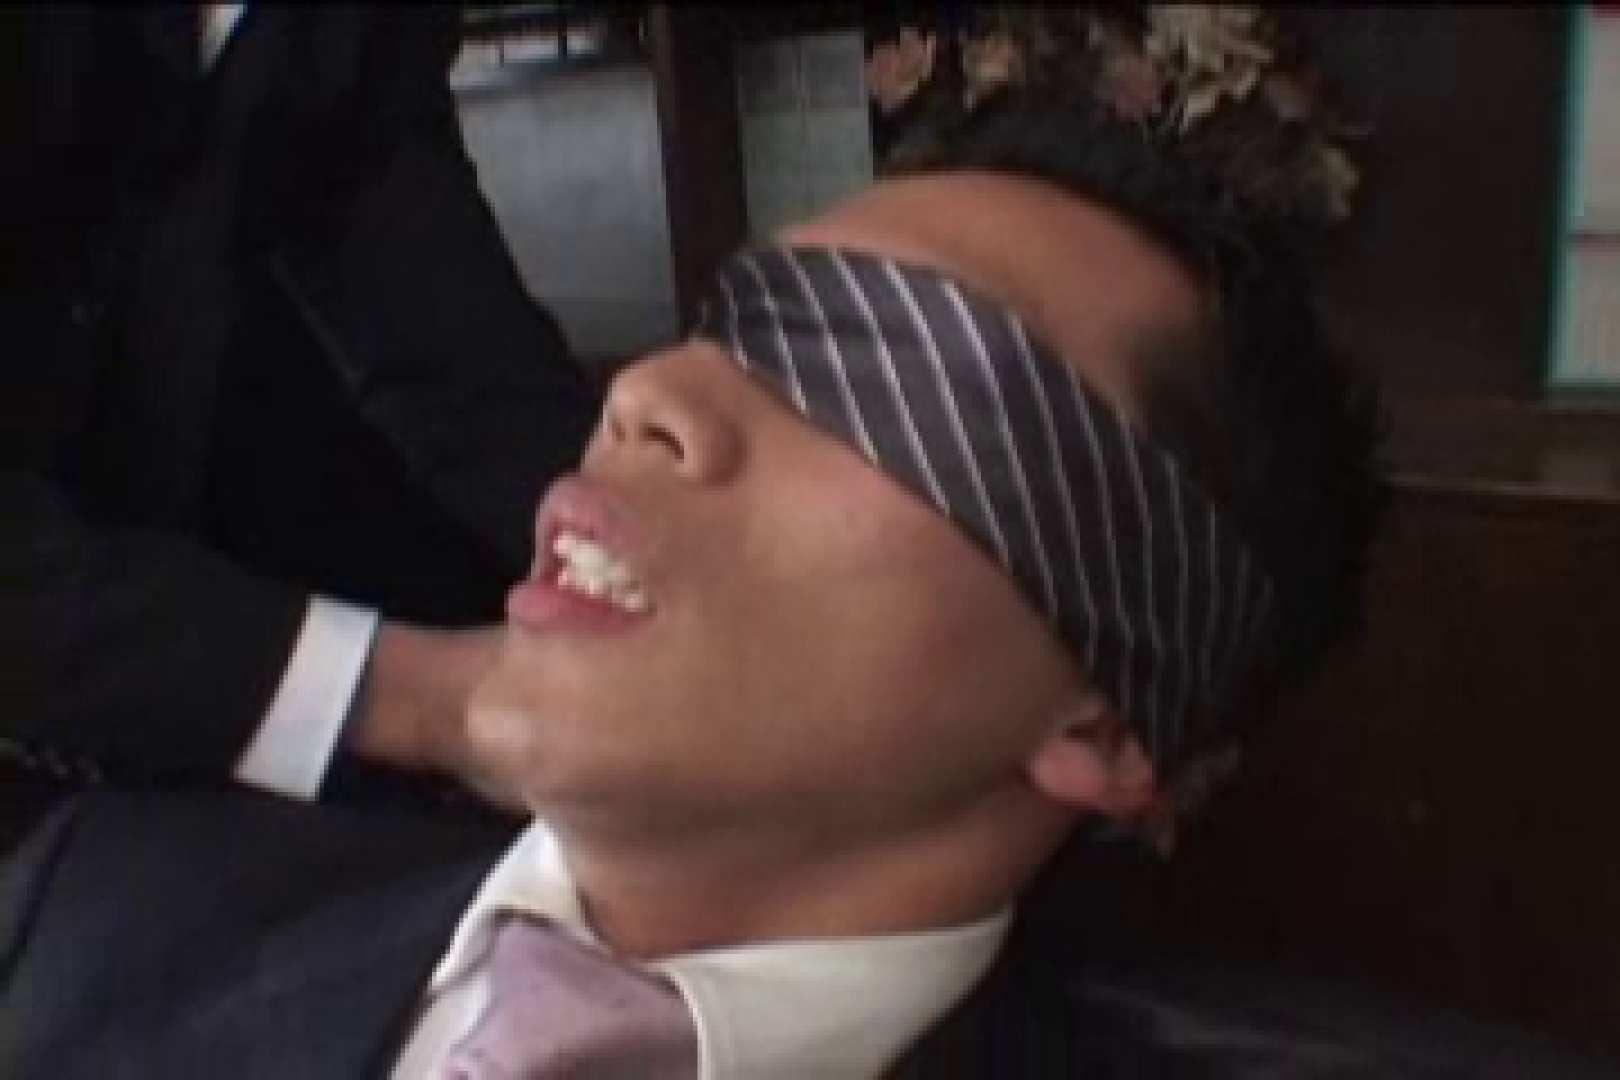 怒涛の集団攻撃!!vol.01 フェラ | 顔射シーン ゲイ素人エロ画像 115枚 46